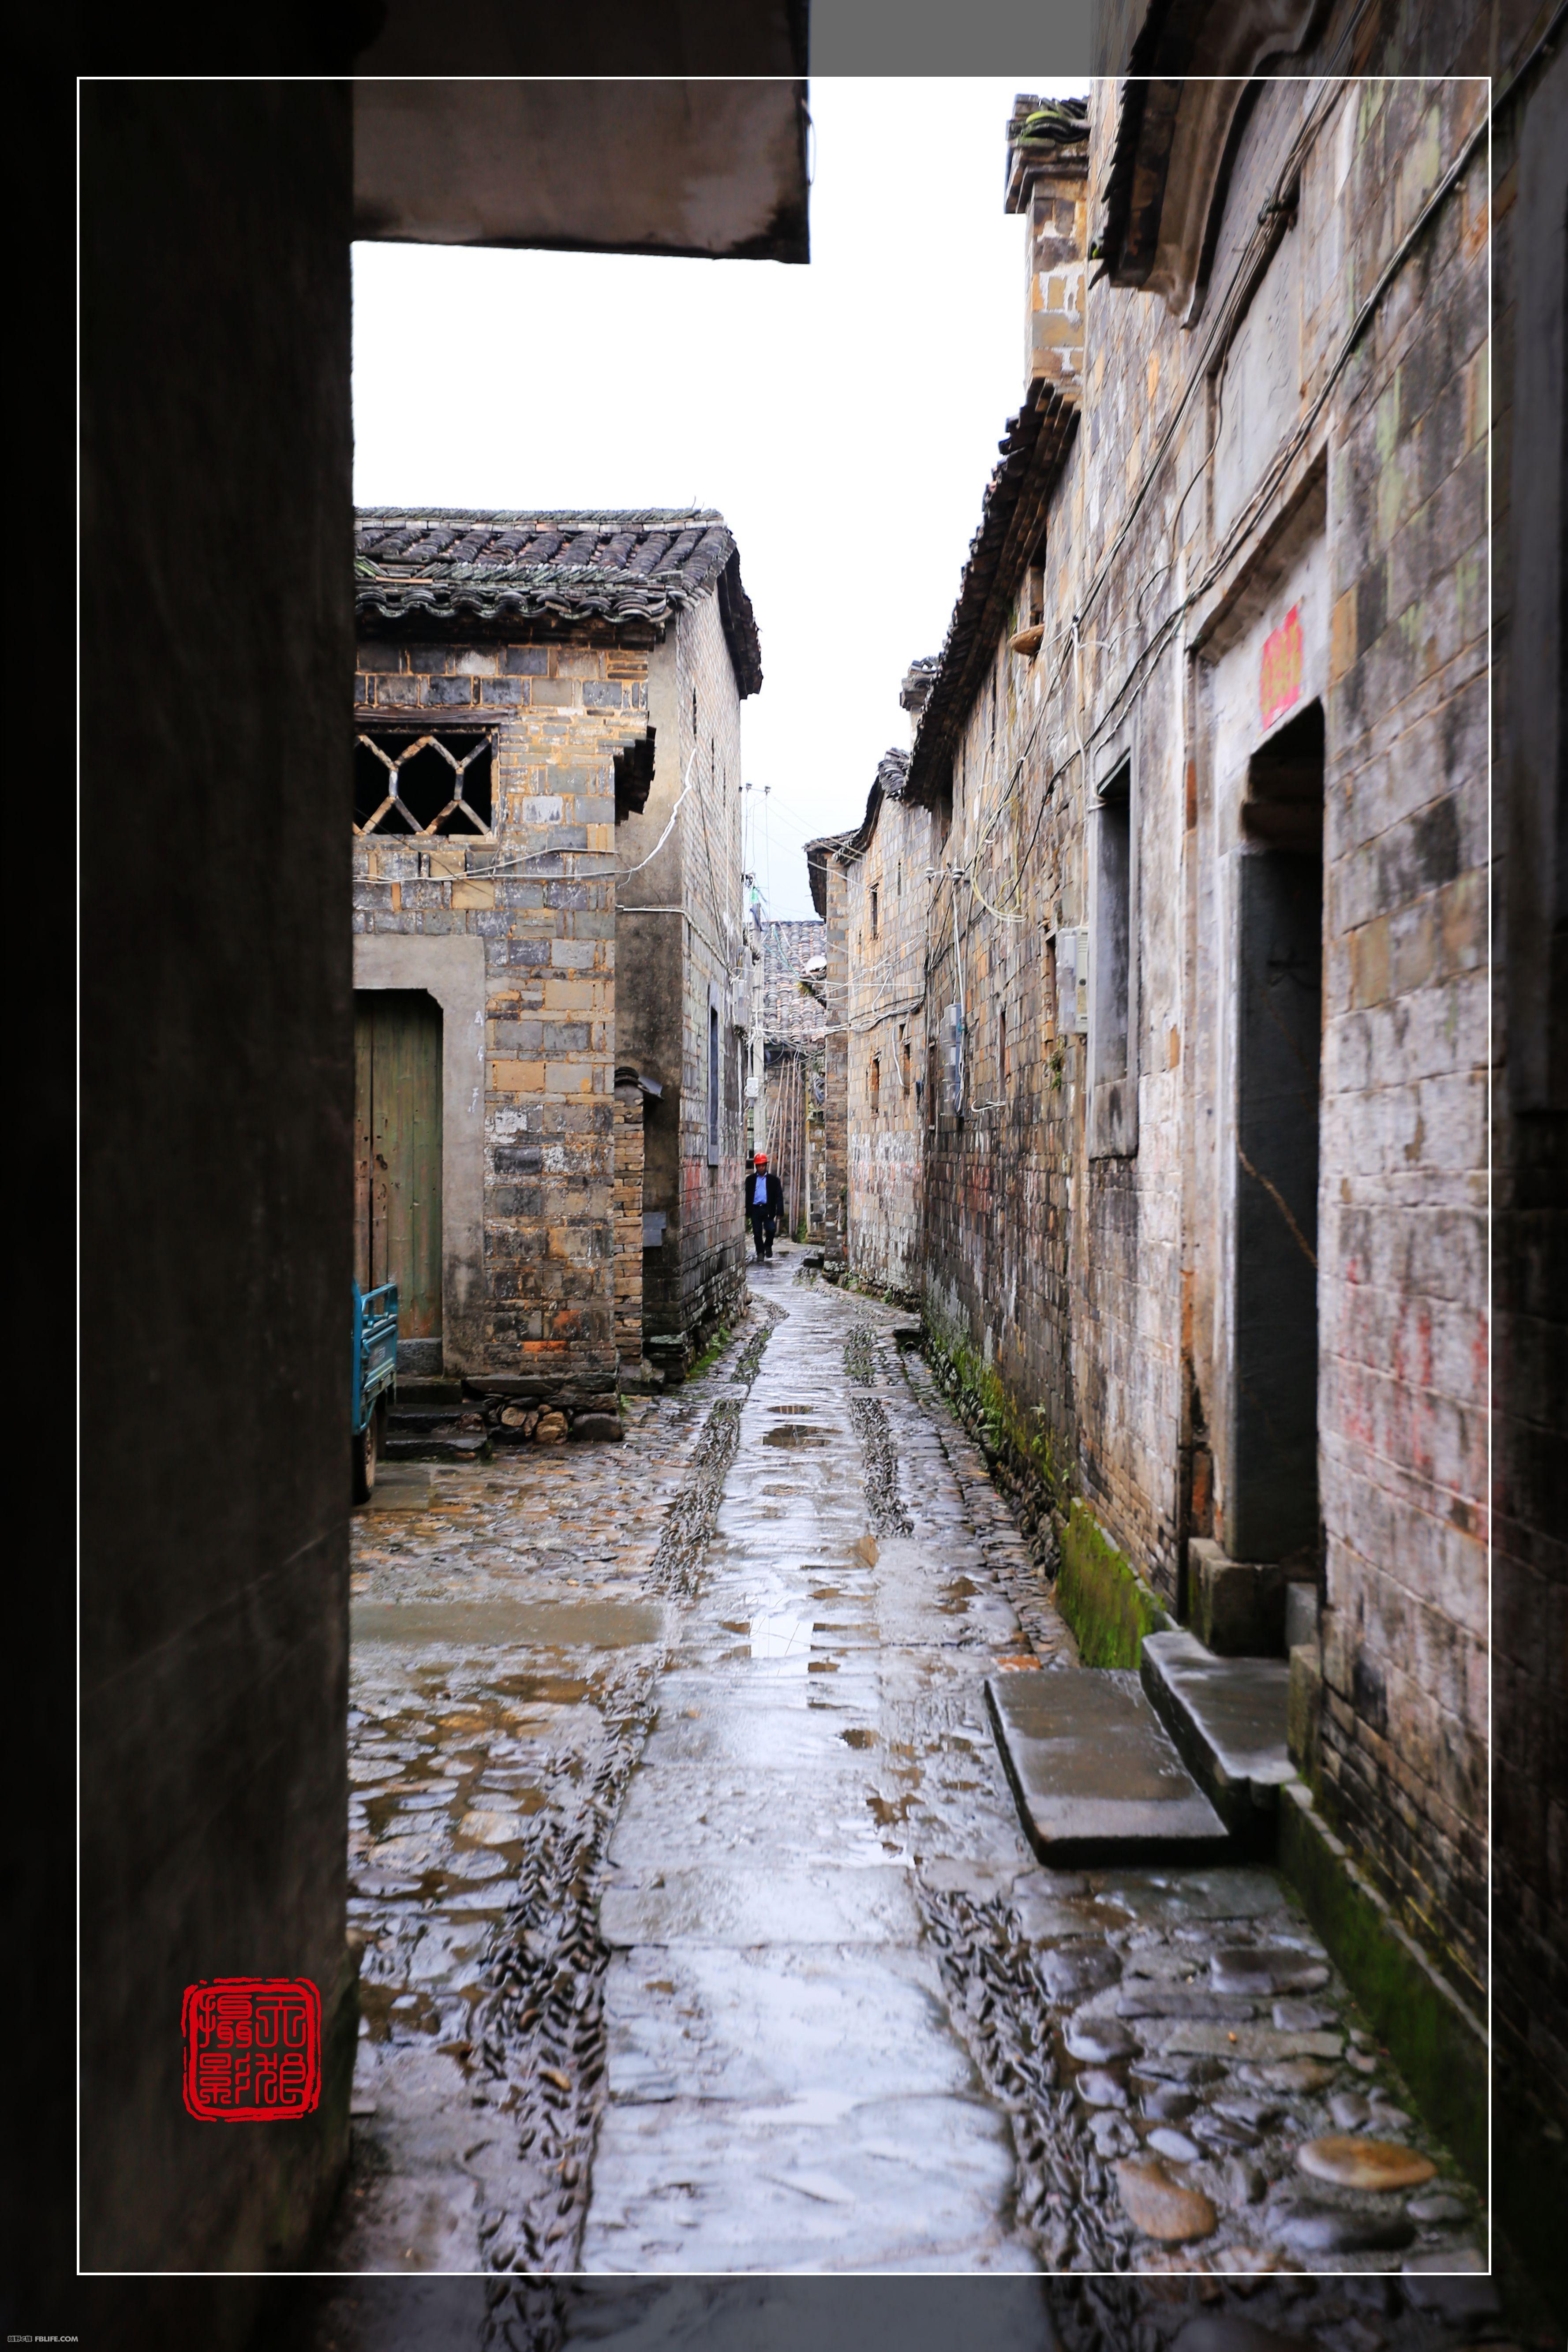 壁纸 风景 古镇 建筑 街道 旅游 摄影 小巷 3555_5333 竖版 竖屏 手机